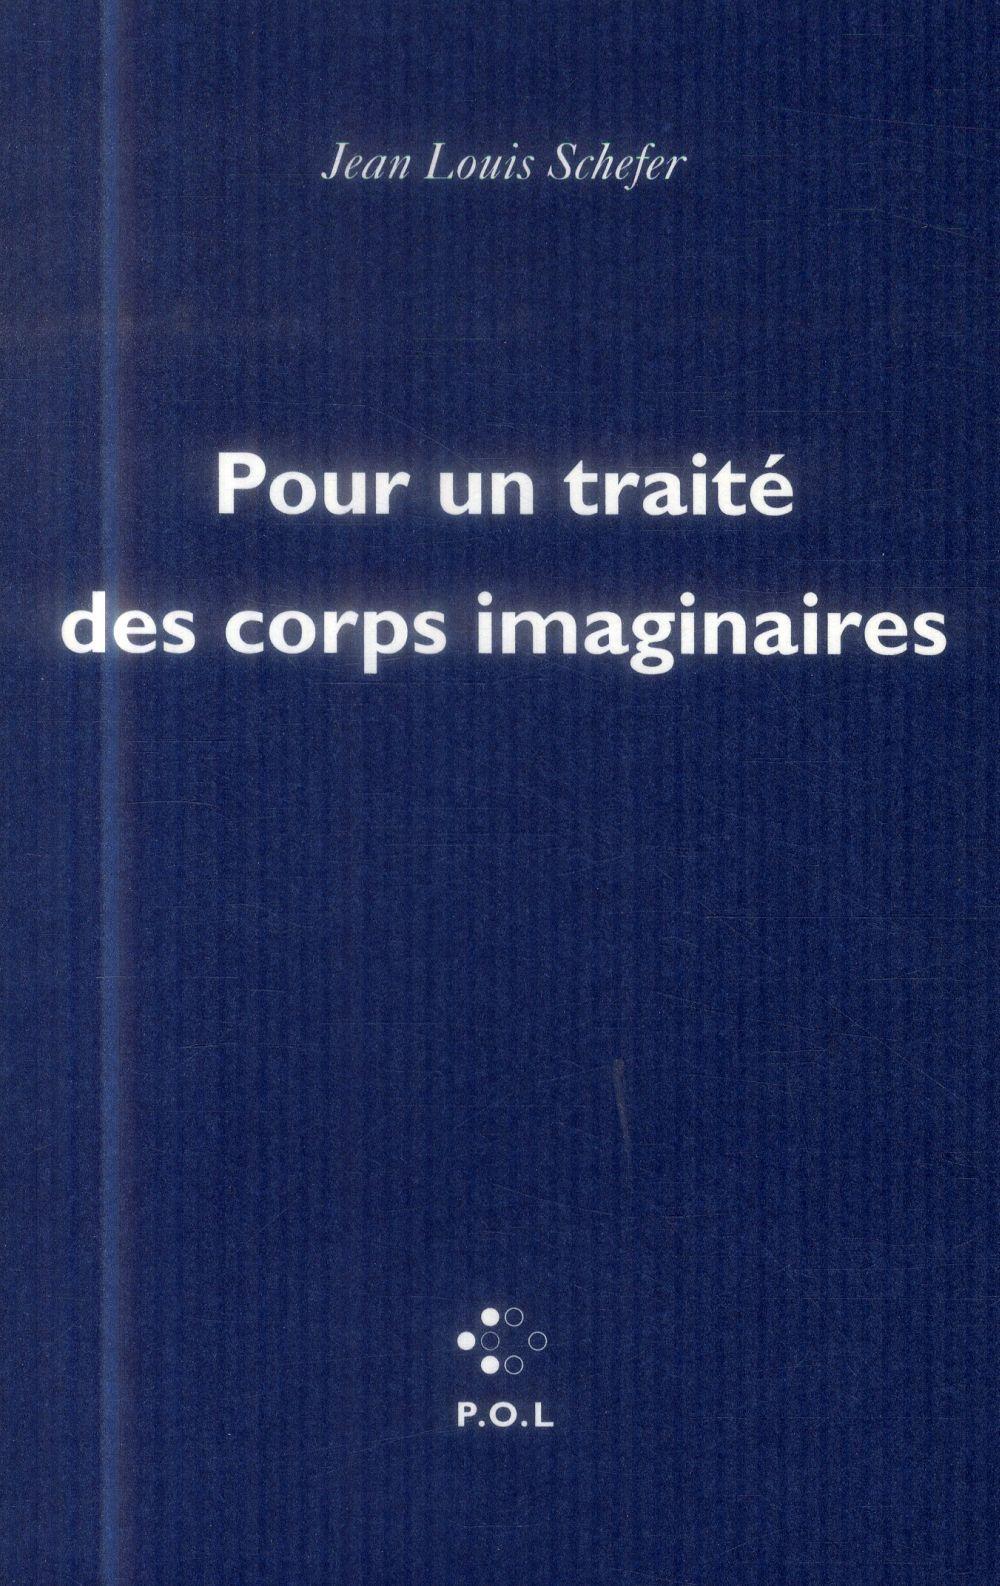 Pour un traité des corps imaginaires